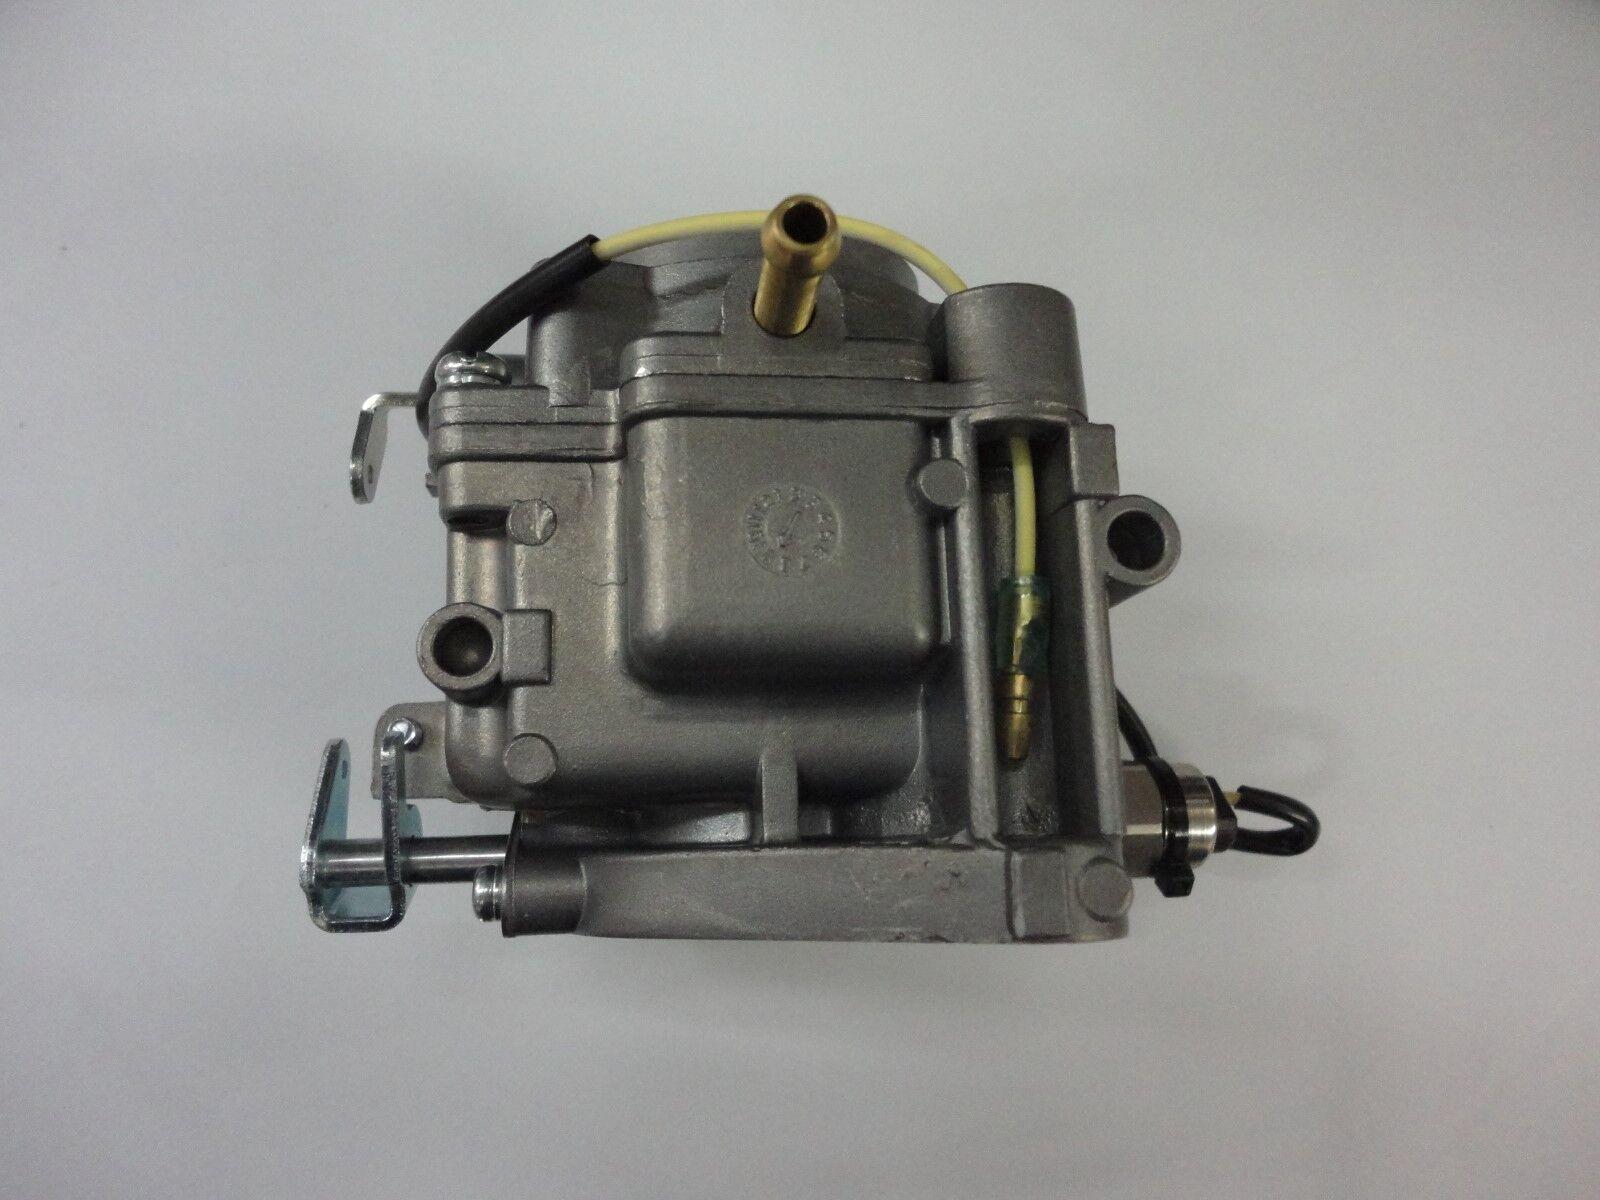 John deere 425 carb carburetor kawasaki fd620d ebay brand new lowest price sciox Images